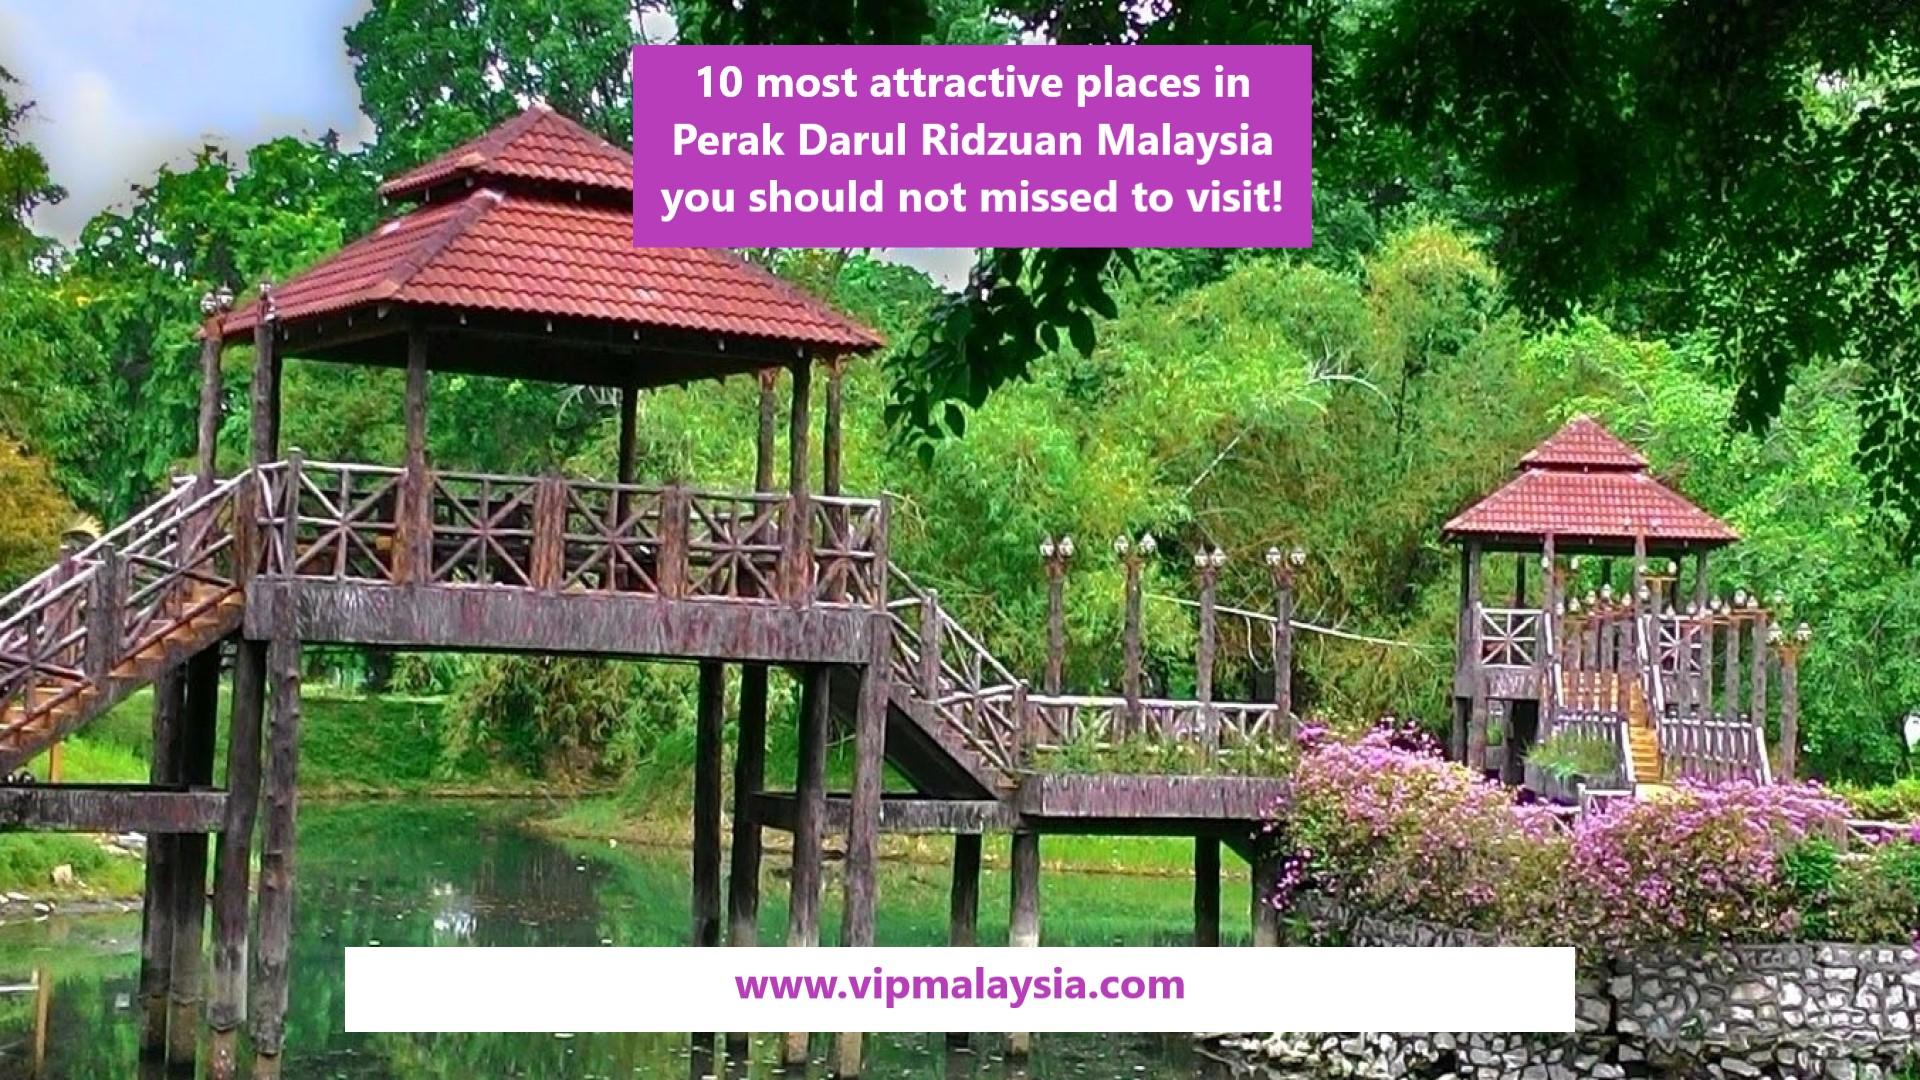 10 most attractive places Perak Darul Ridzuan Malaysia